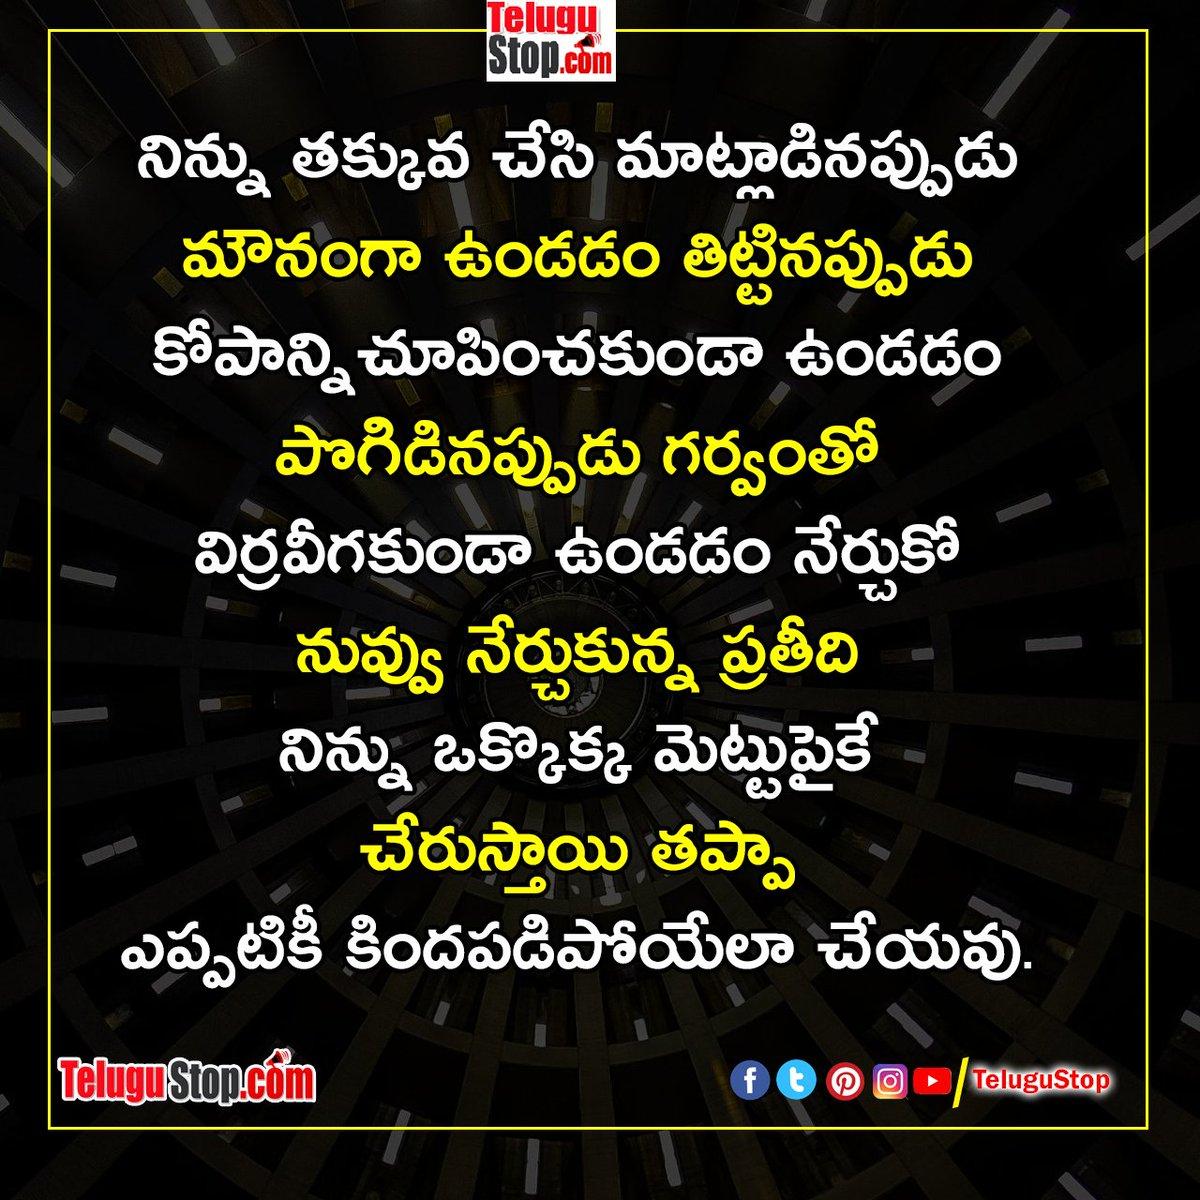 ప్రతి రోజు మన తెలుగు కి సంబంధిచిన ముఖ్యమైన 🔥 విశేషాలు  ✍️ అన్ని త్వరగా తెలుసుకోవటానికి  క్లిక్ చేసి 👉  @telugustop Follow అవ్వండి! 🙏 మిత్రులకు రీట్వీట్ చేయగలరు.  #TeluguQuotes #Telugu #TeluguMemes  #తెలుగు #TeluguPhotos #Quotes #DailyQuotes